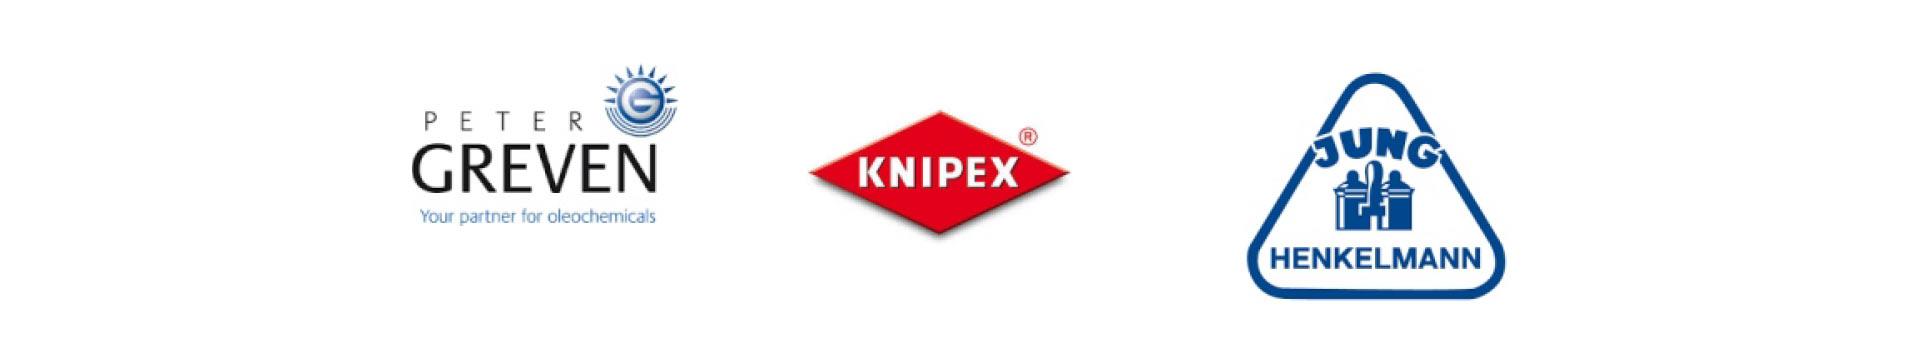 5a0158b916f972 Werkzeug Onlineshop ihttimme.de - Werkzeuge günstig online kaufen